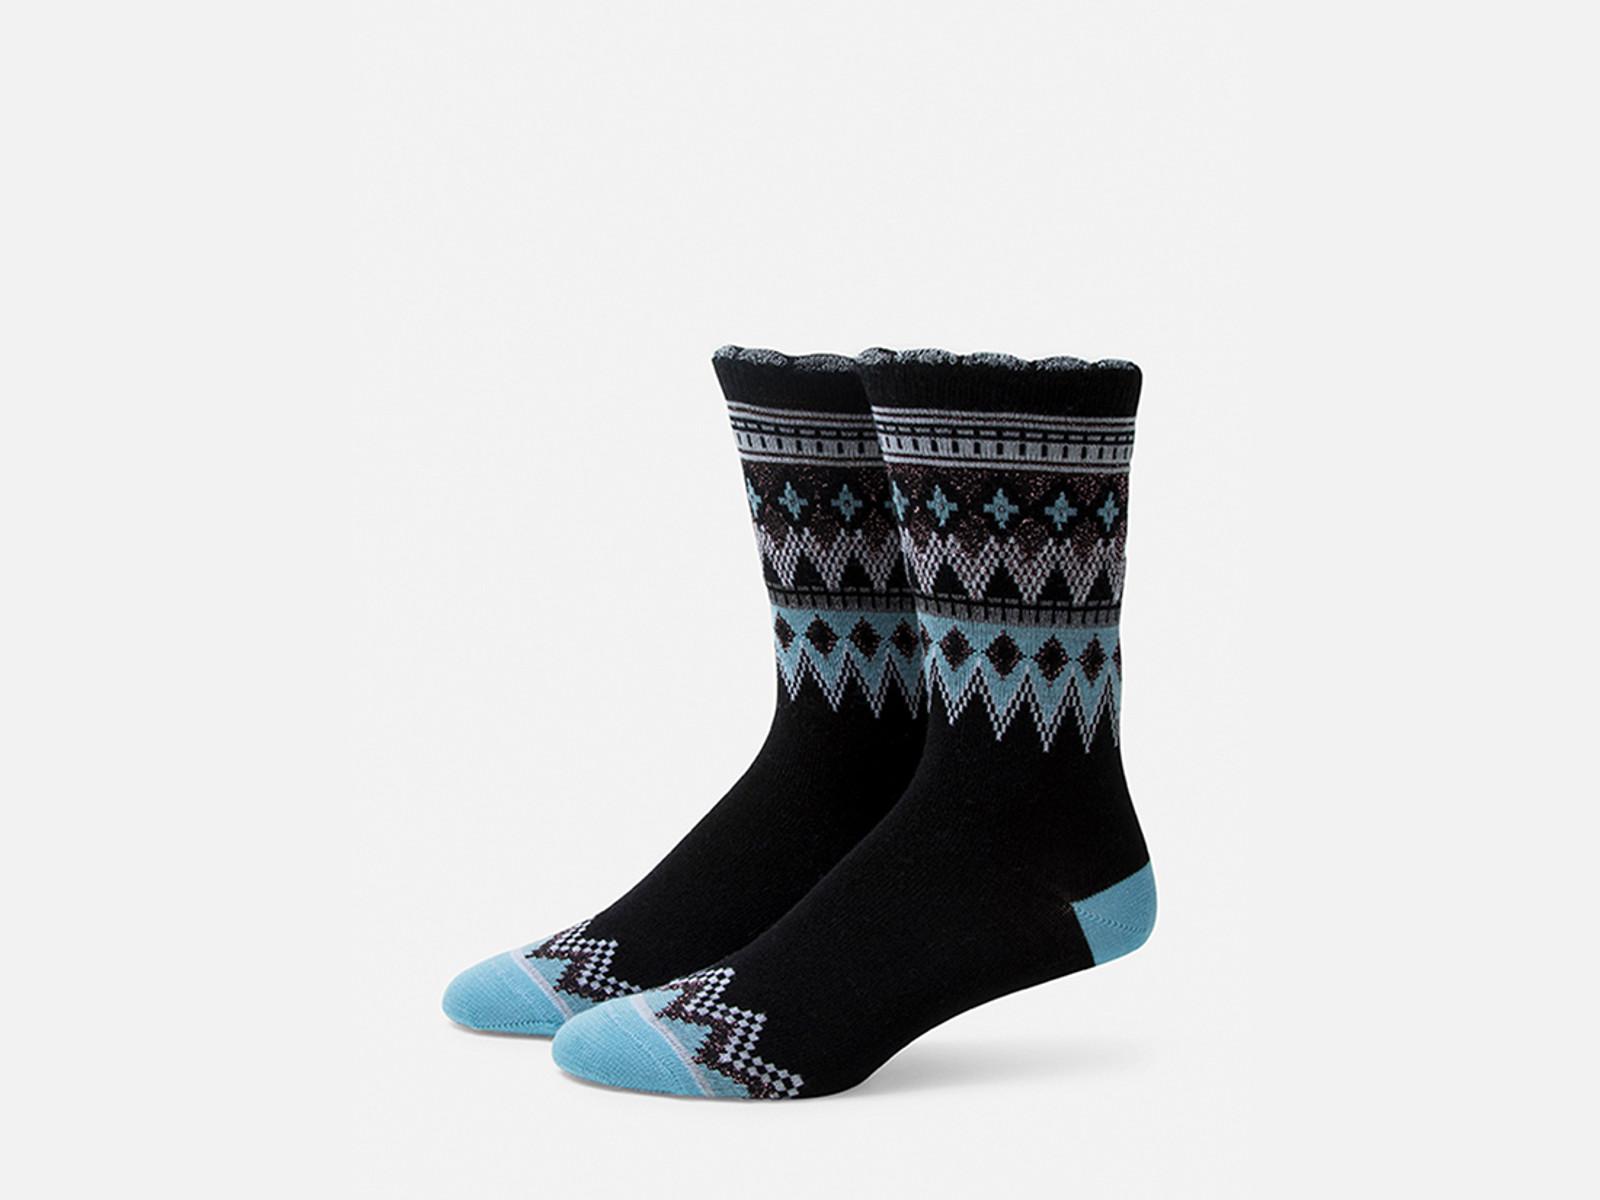 B.ELLA Everleigh Sparkle Fairisle Socks, Ladies' One Size - Black (BE0325-07000)